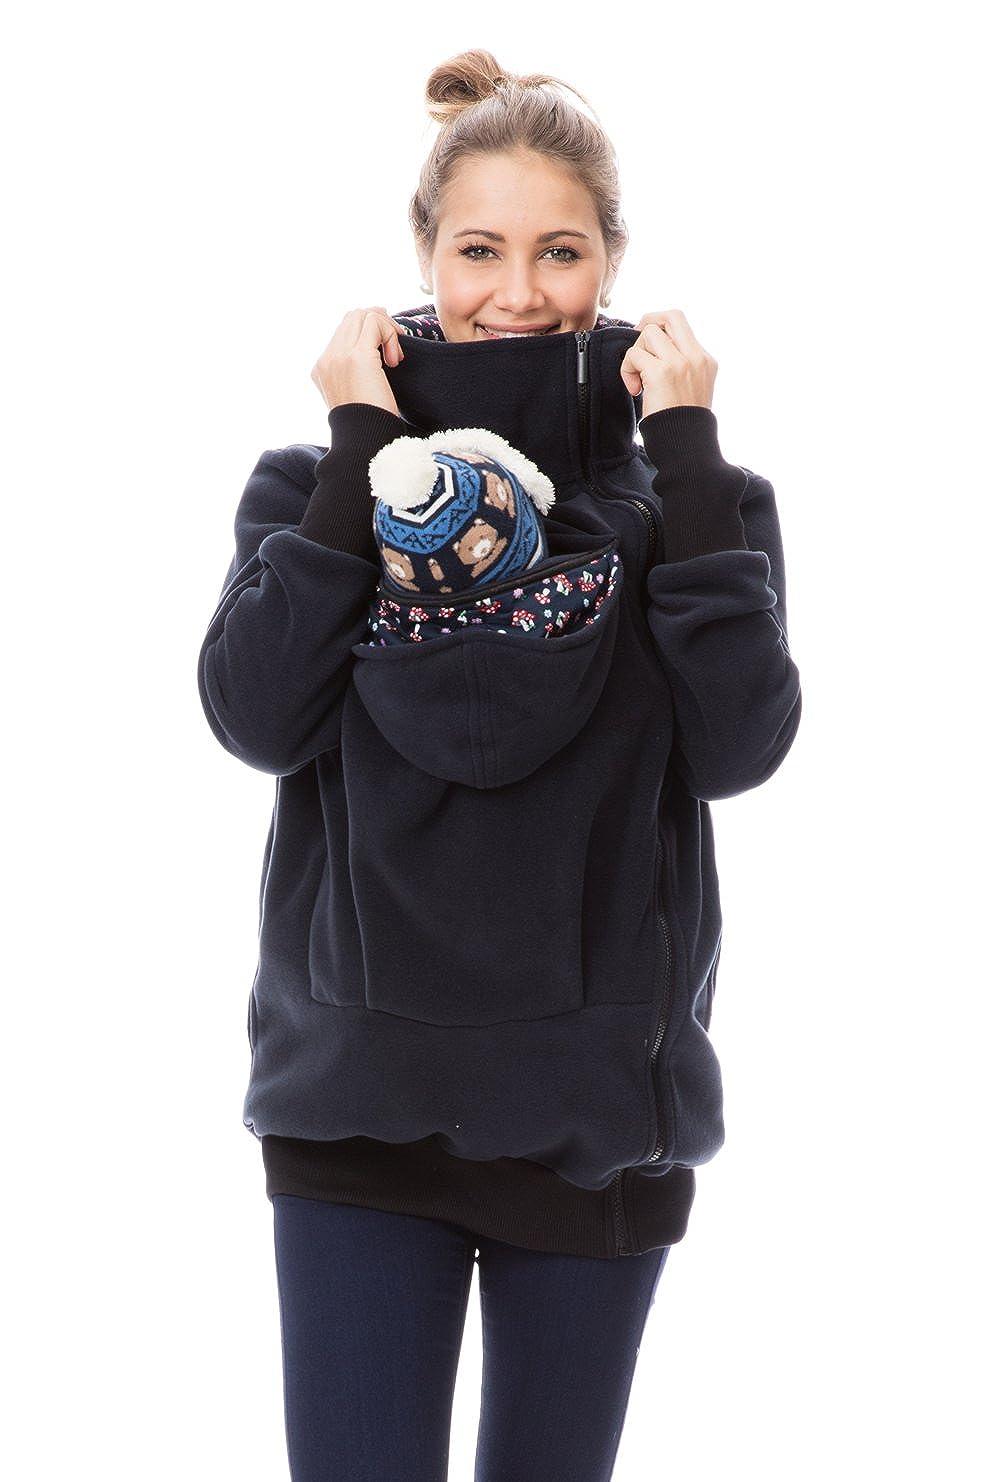 GoFuture Damen Tragejacke für Mama und Baby Känguru Klassiker Viva GF2301 B01N3LCEL3 Jacken Zuverlässiger Ruf